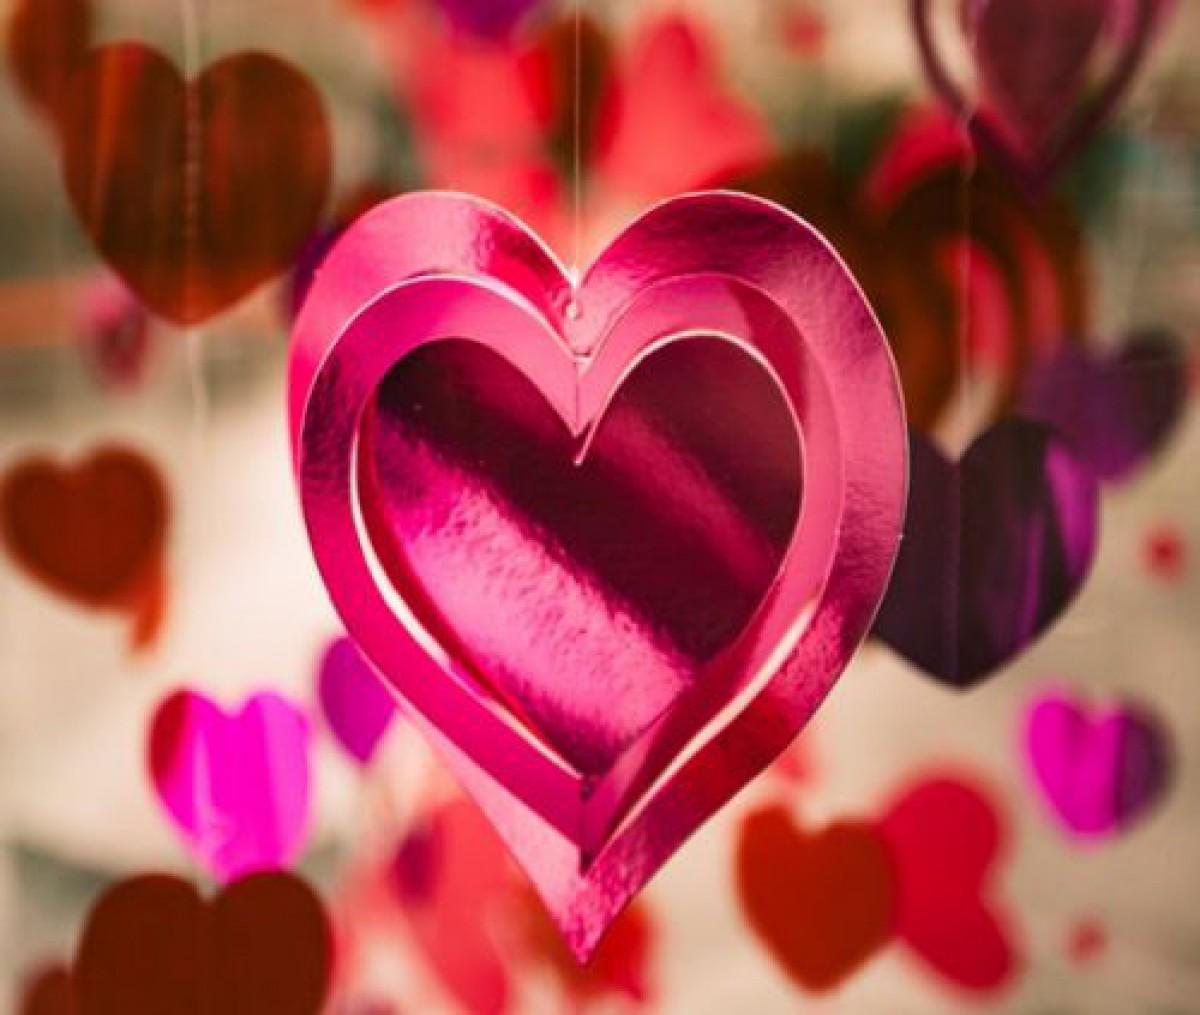 人肌恋しいこれからが恋のシーズンでしょ?「#恋コスメ」で恋愛モチベをUPせよ